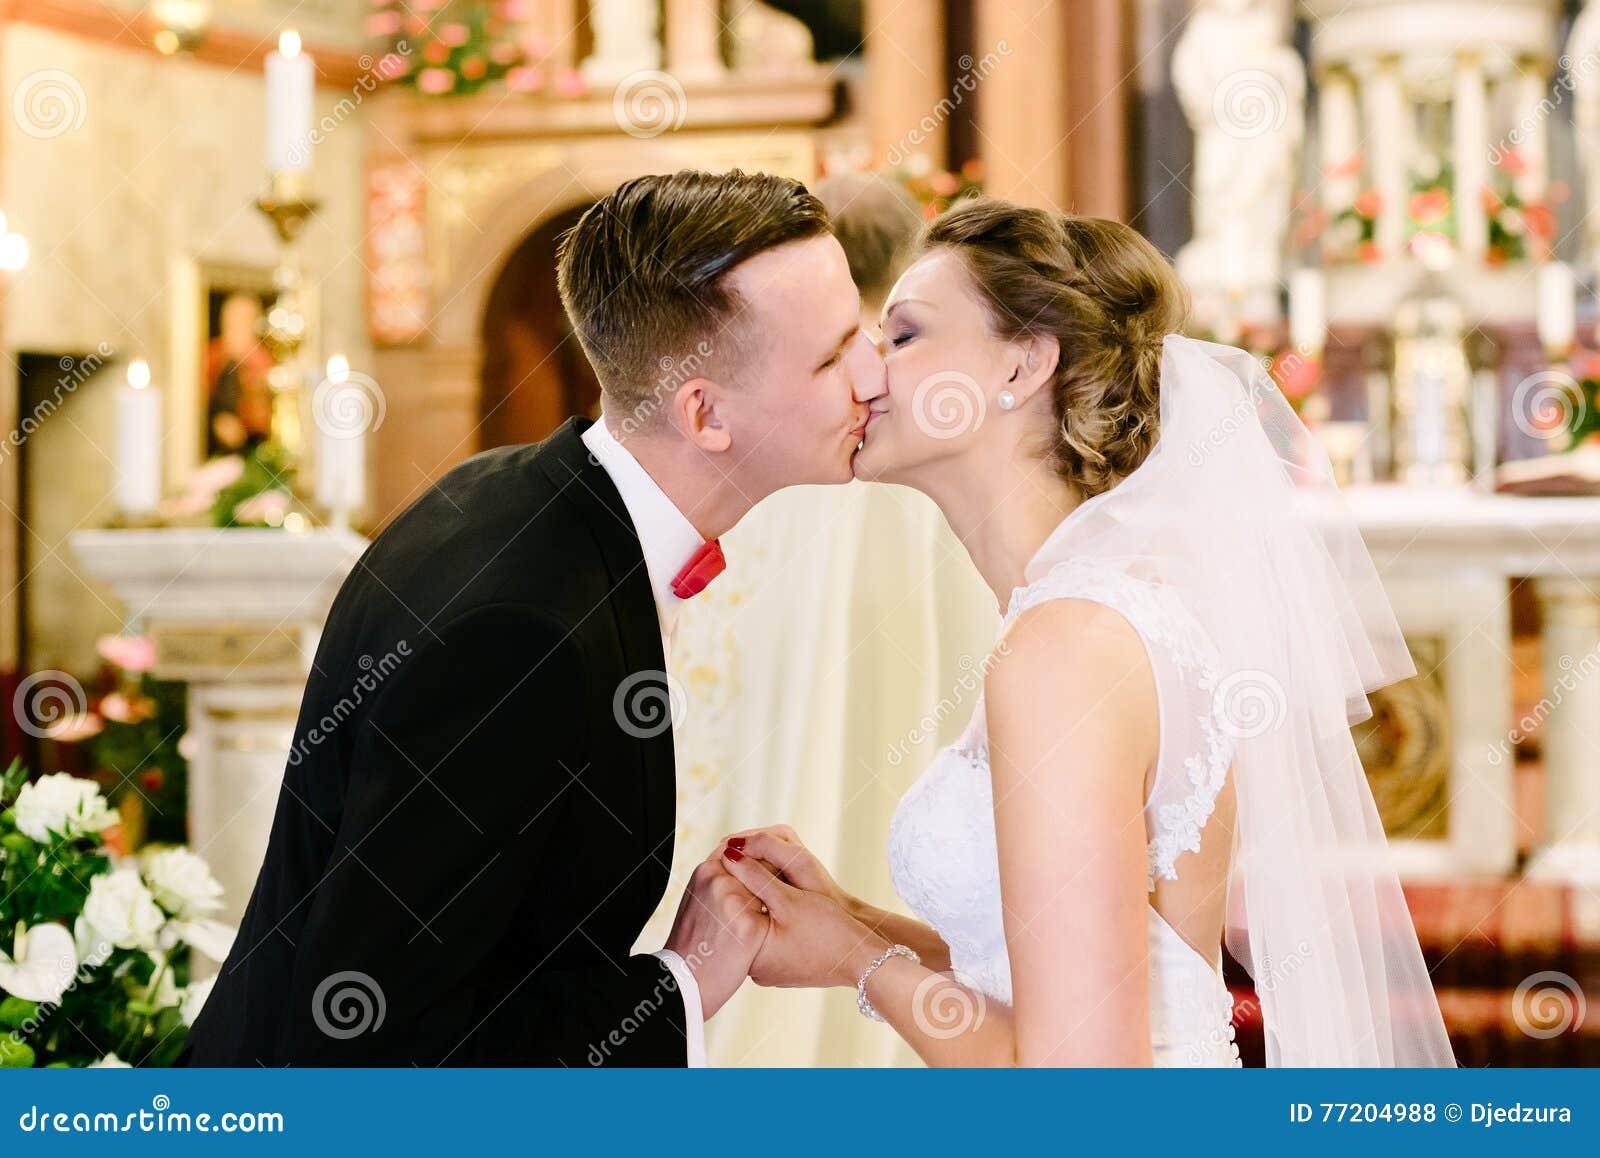 Cérémonie De Mariage Dans L\u0027église Catholique Photo stock